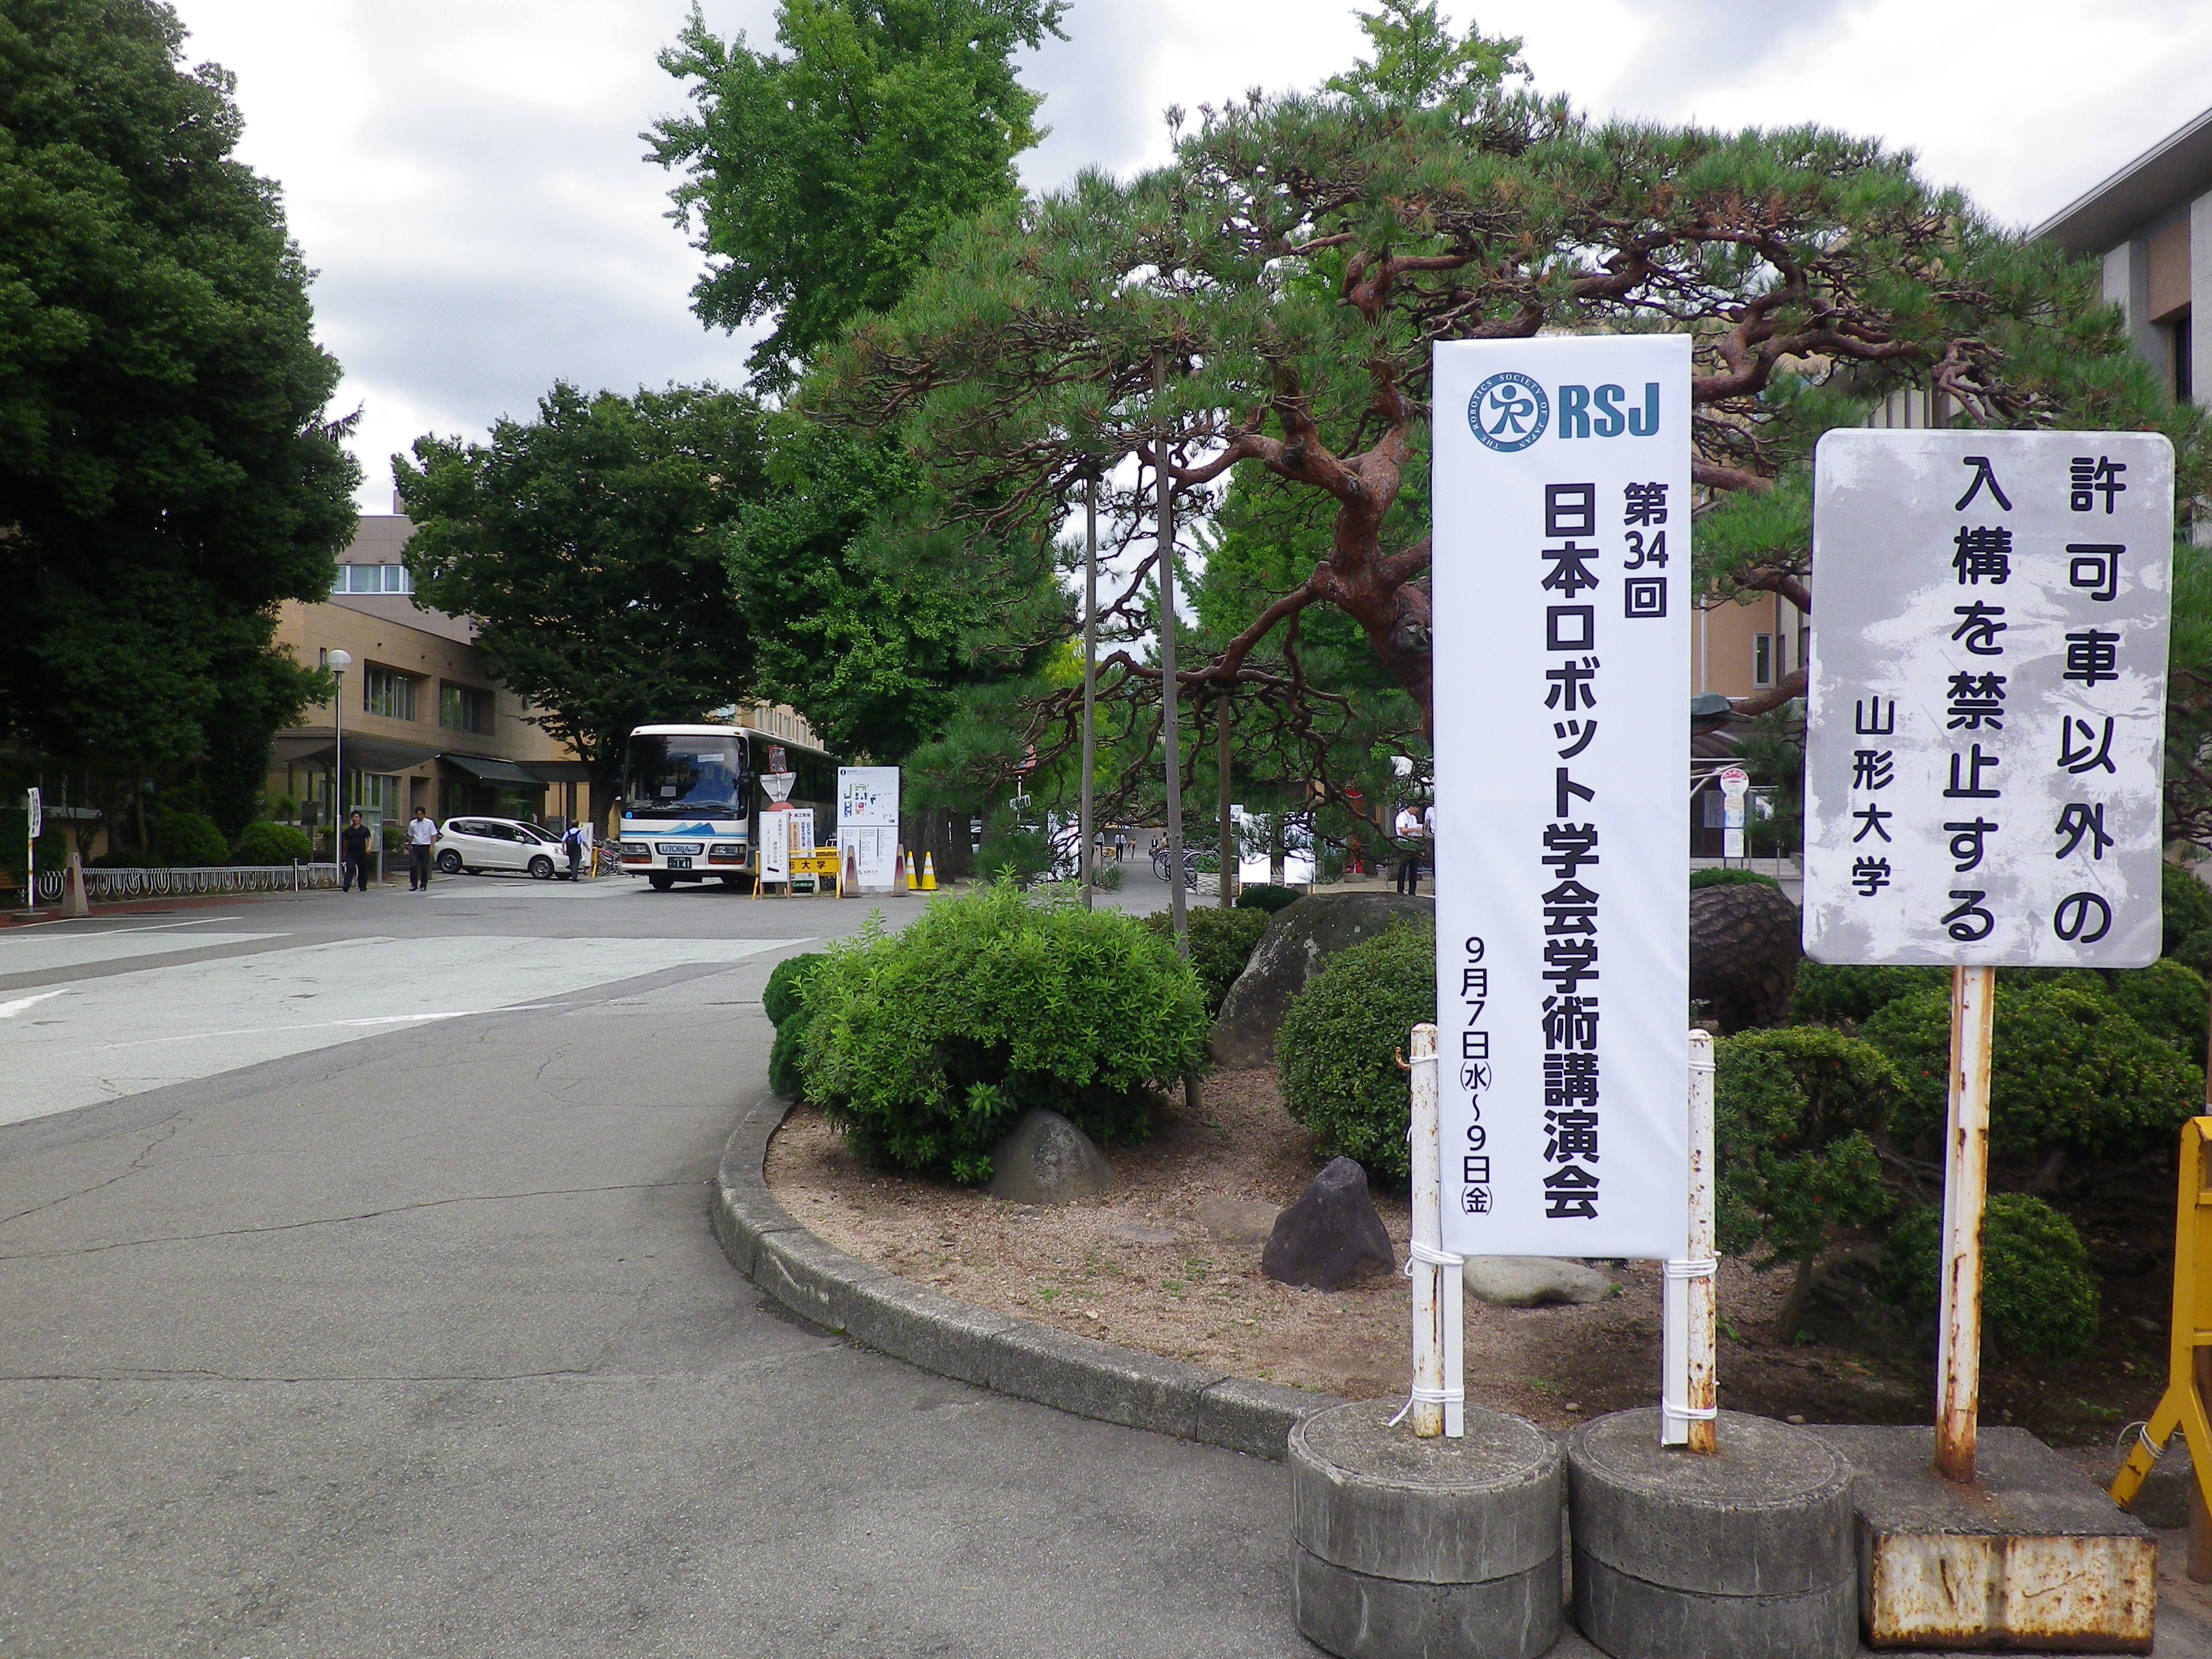 第34回日本ロボット学会学術講演会において霜村君発表